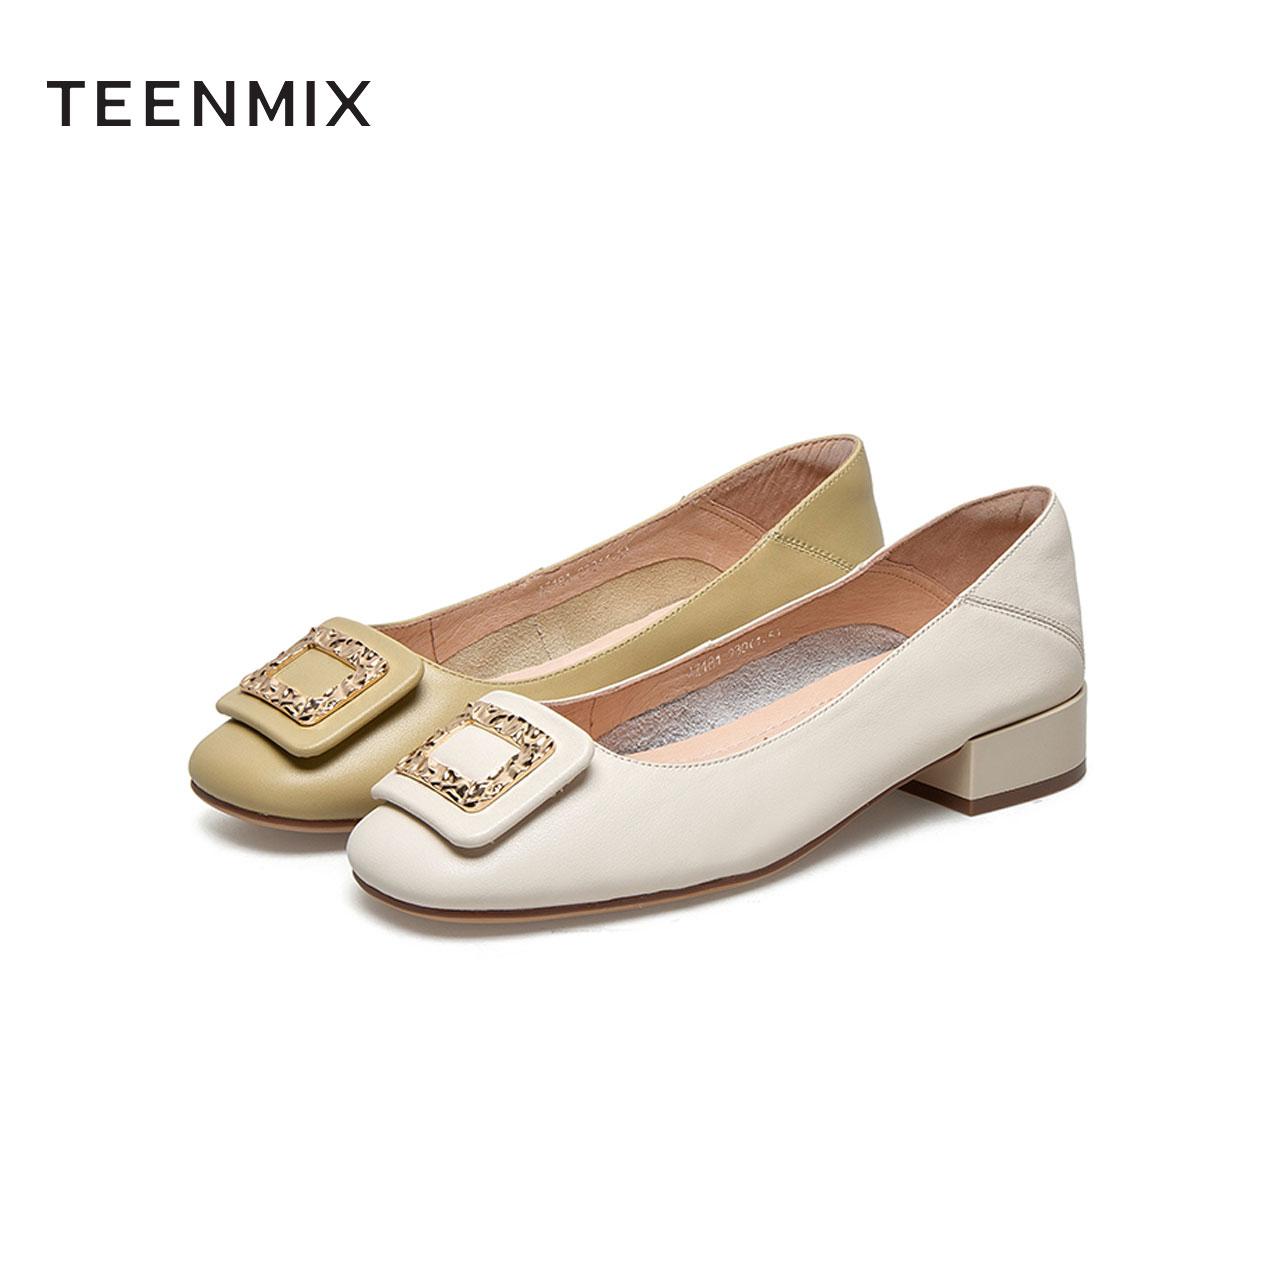 AZ181AQ1 春新商场同款拼色休闲皮鞋 2021 天美意浅口单鞋女低跟皮鞋